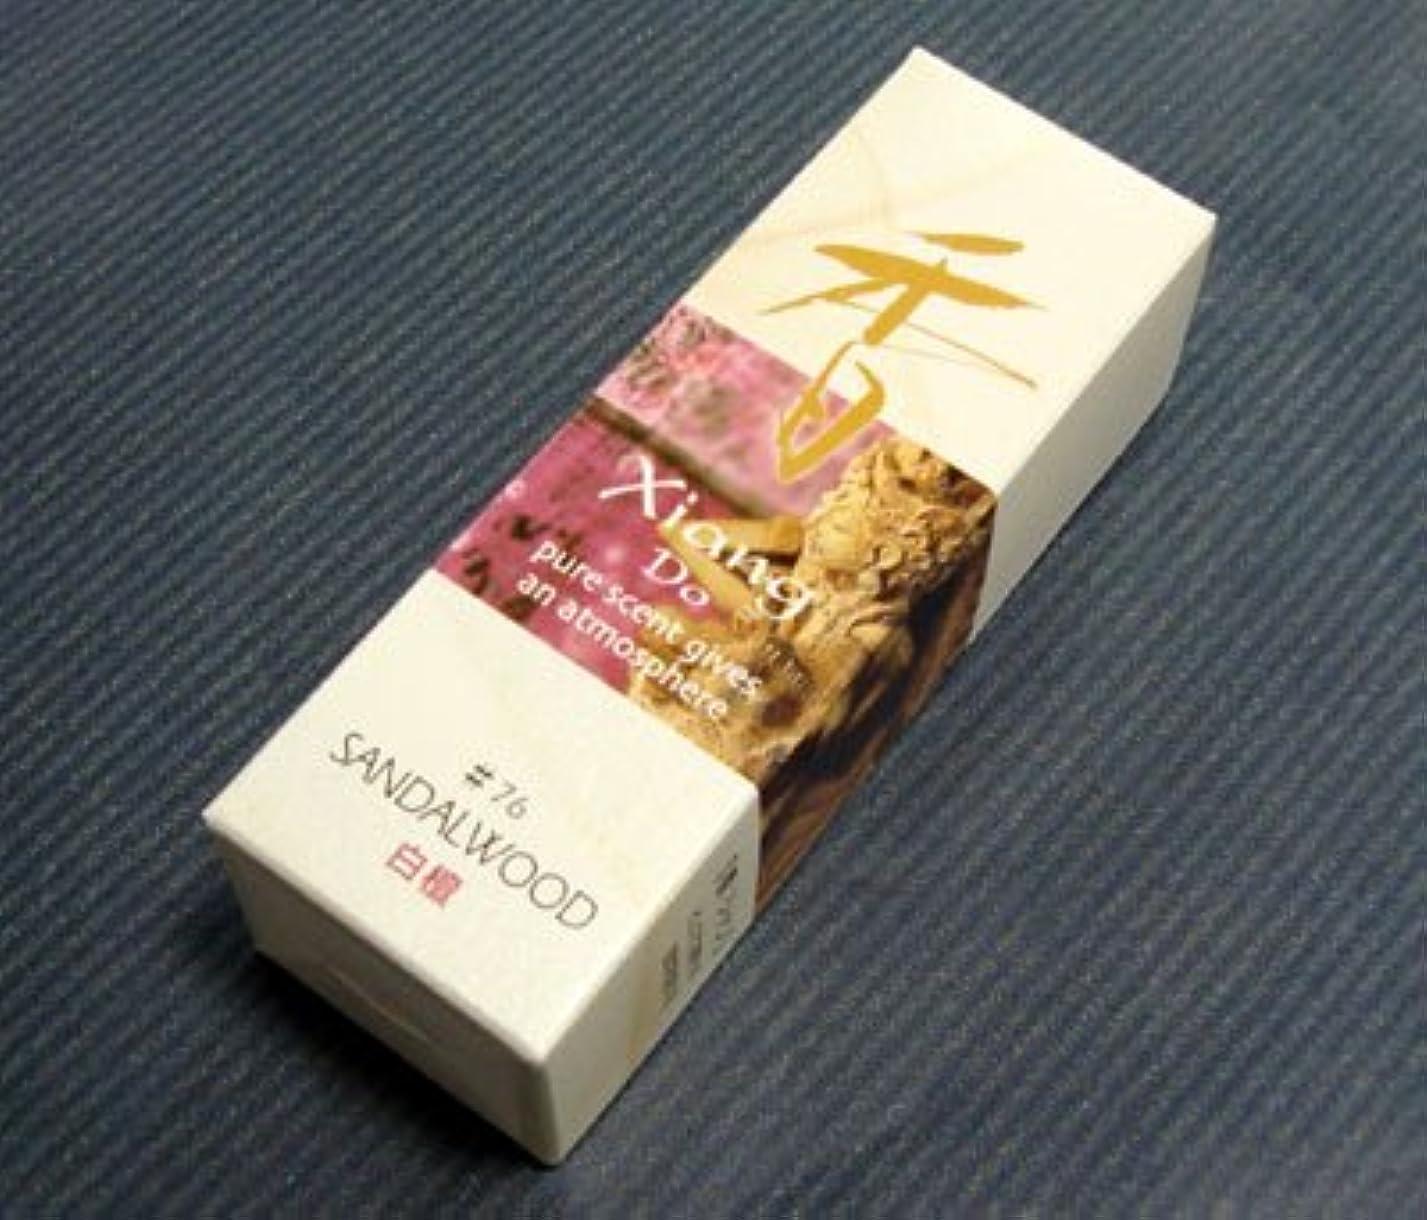 膜世代ペンダントピュアな白檀の香り 松栄堂【Xiang Do サンダルウッド】スティック 【お香】